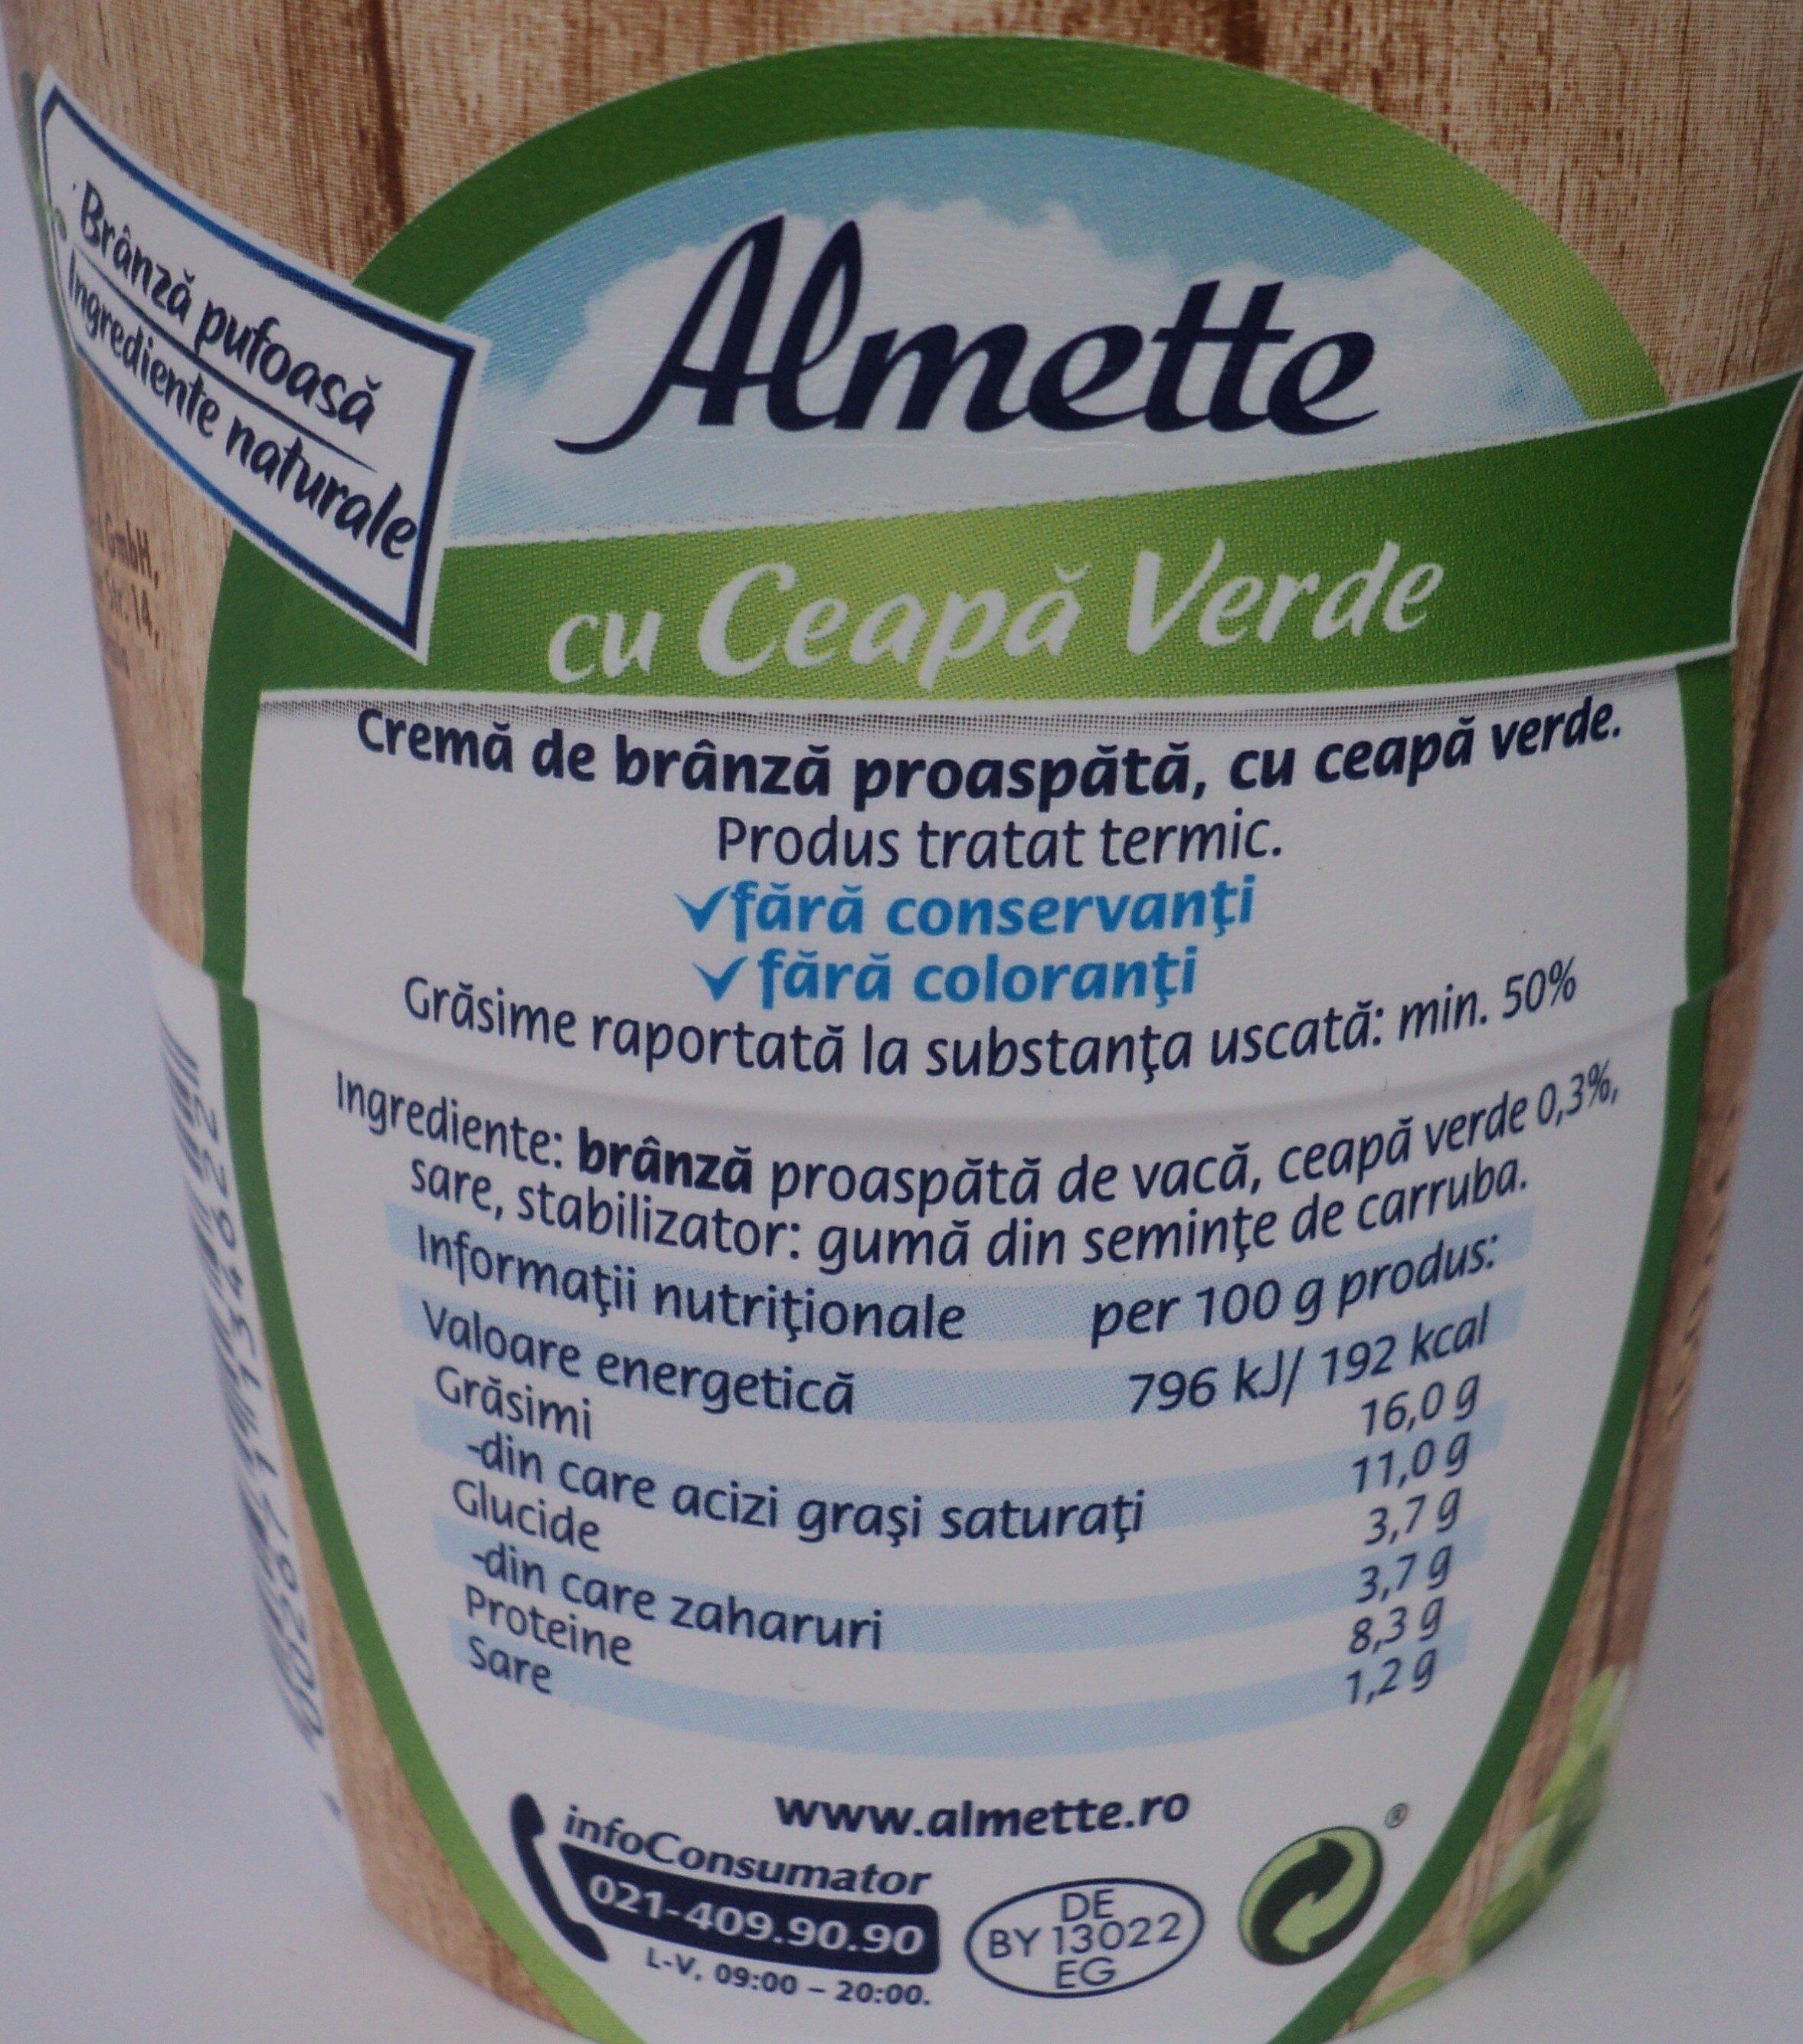 Almette Cremă de brânză proaspătă cu ceapă verde - Ingredients - ro